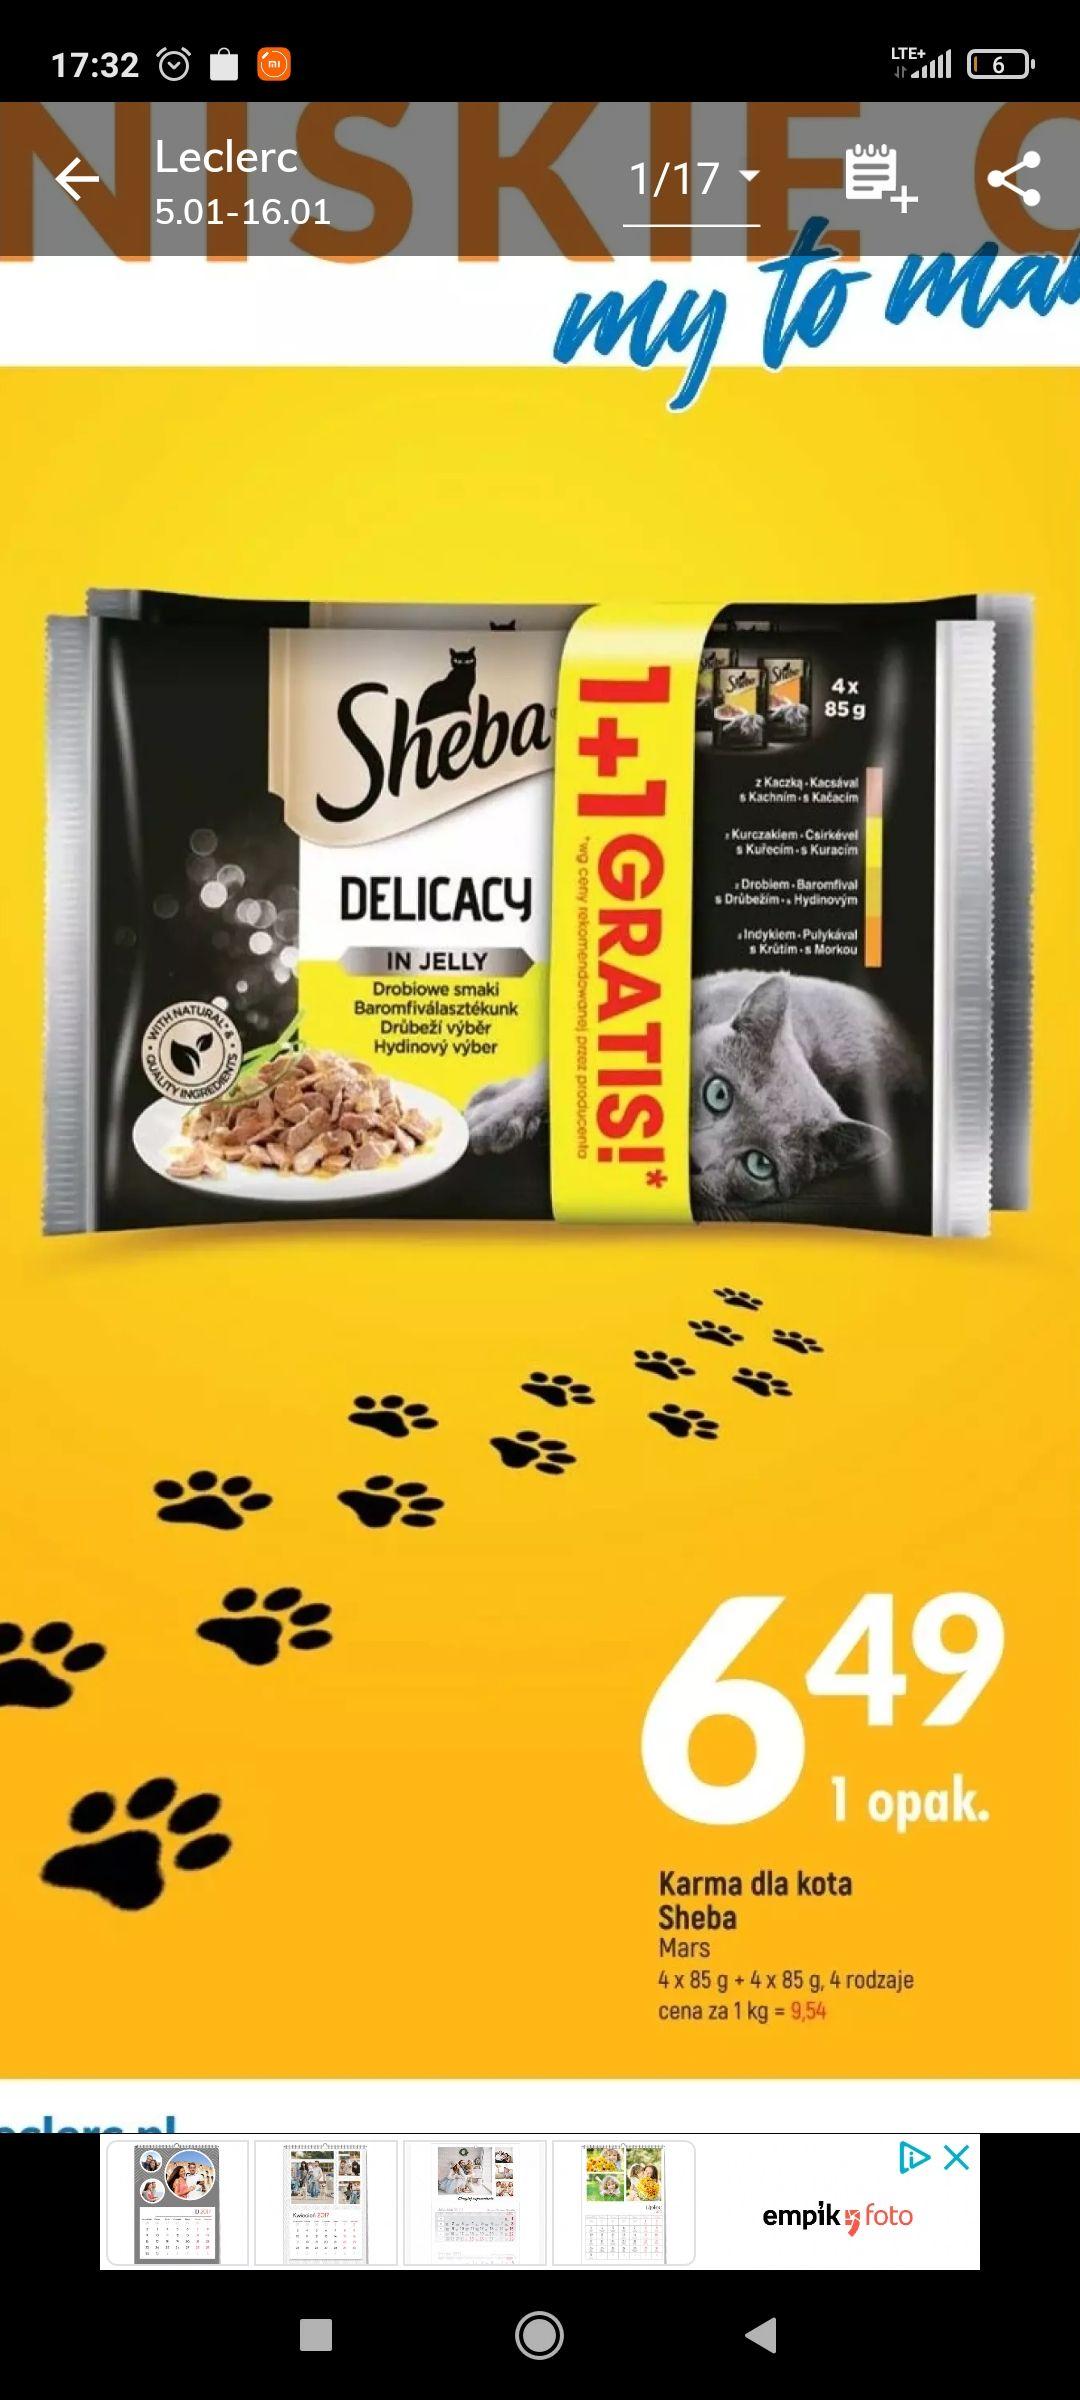 Karma dla kota Sheba 4+4 gratis w E.Leclerc